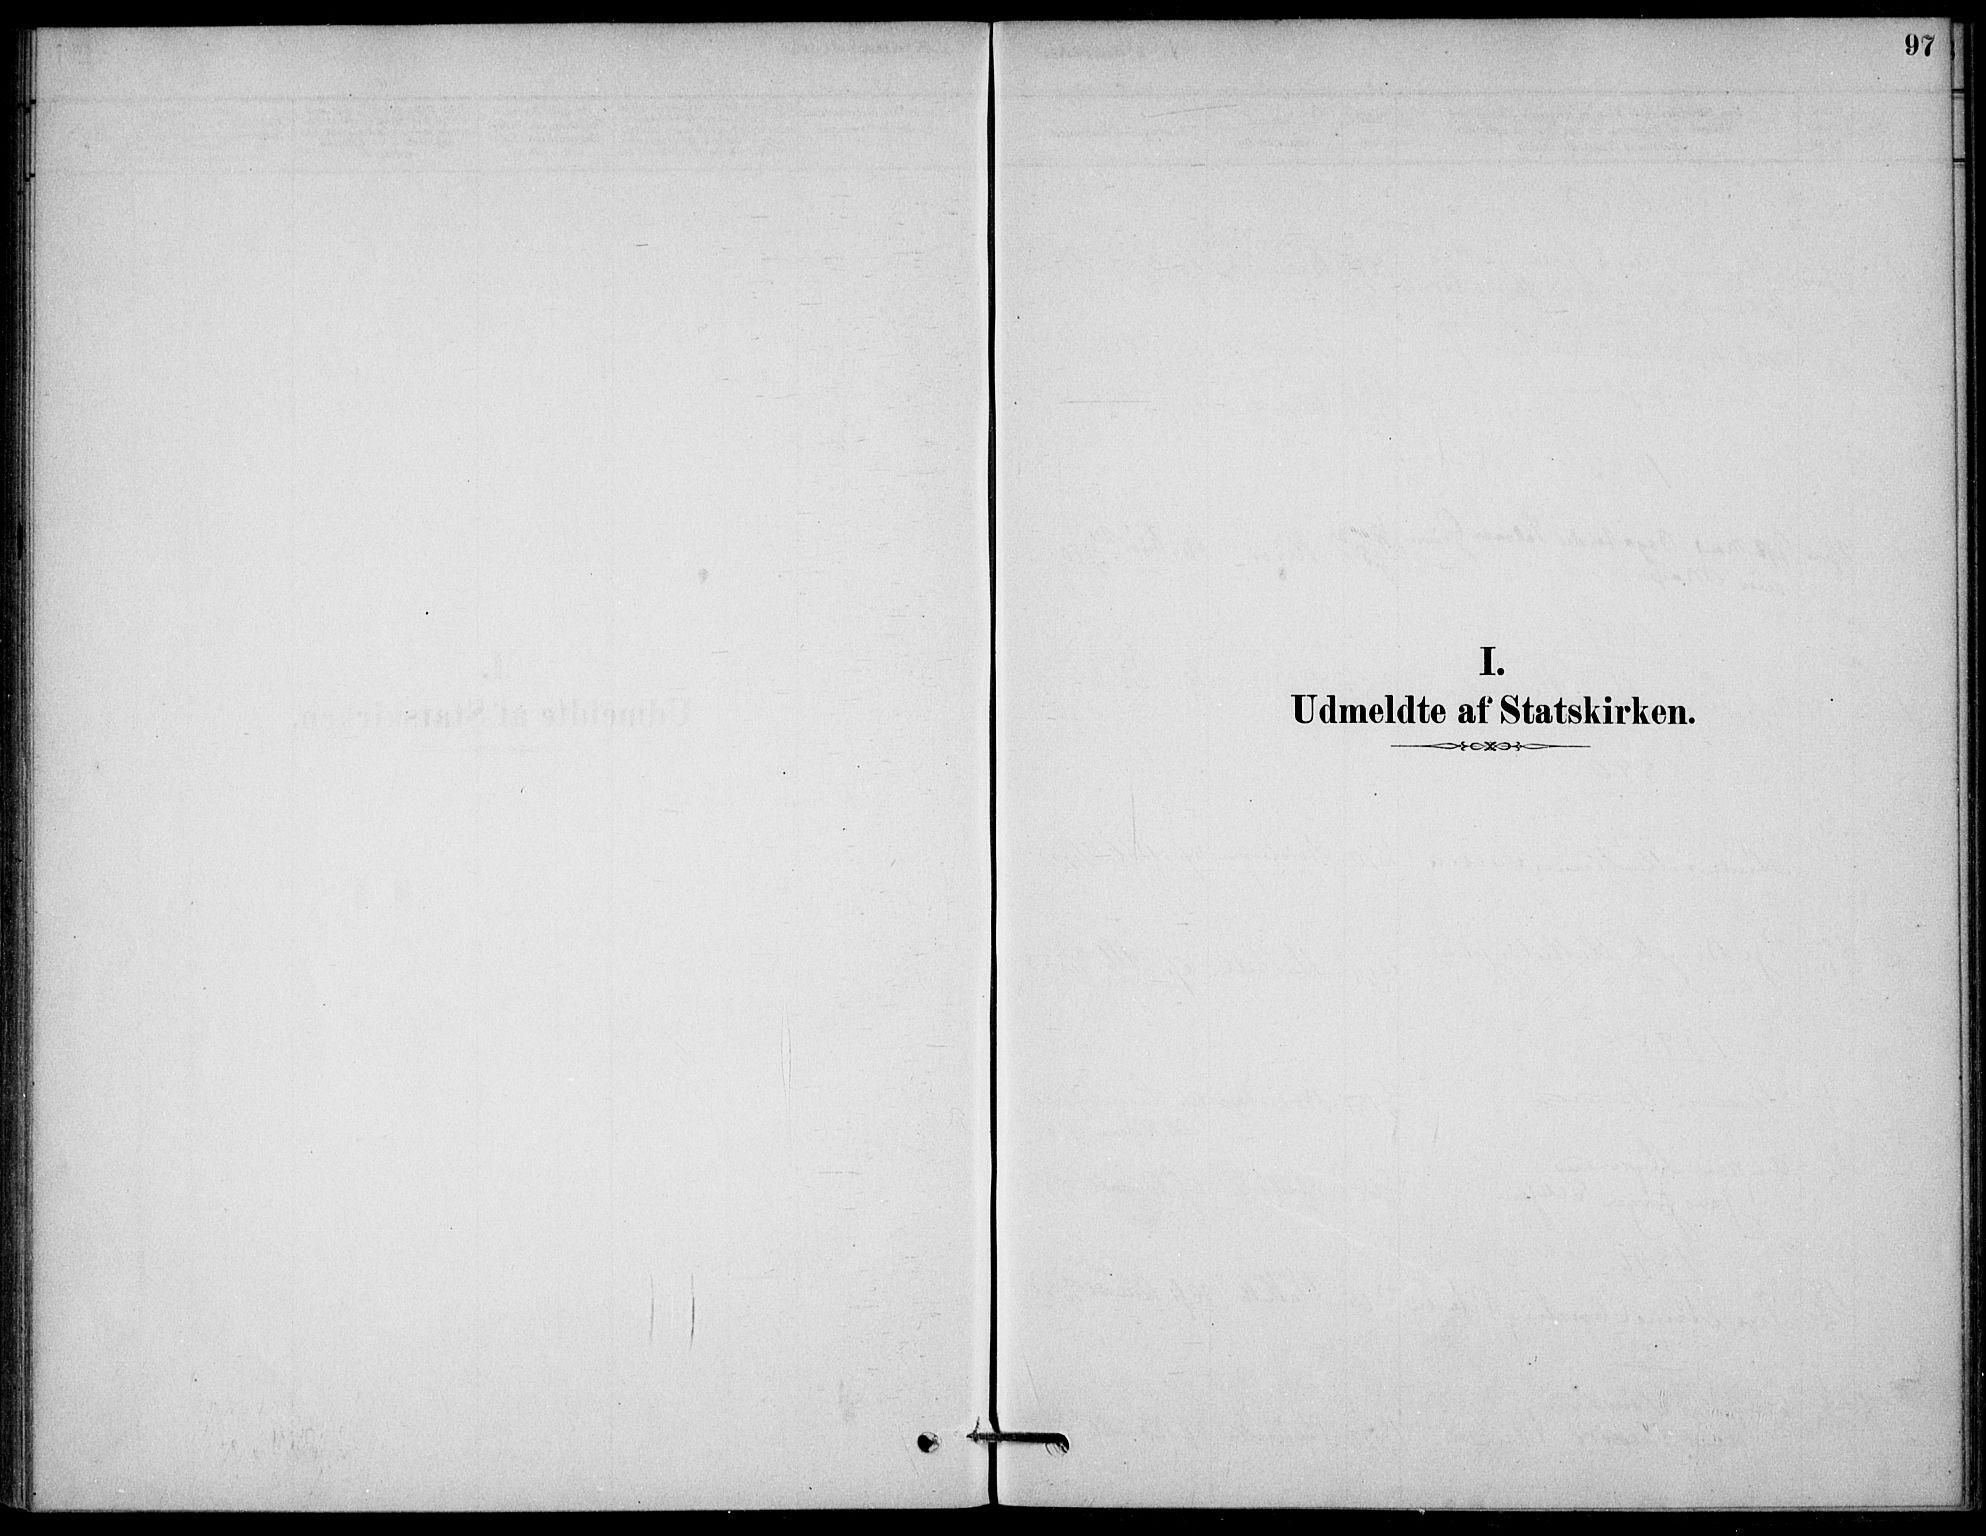 SAKO, Bamble kirkebøker, G/Gb/L0001: Klokkerbok nr. II 1, 1878-1900, s. 97